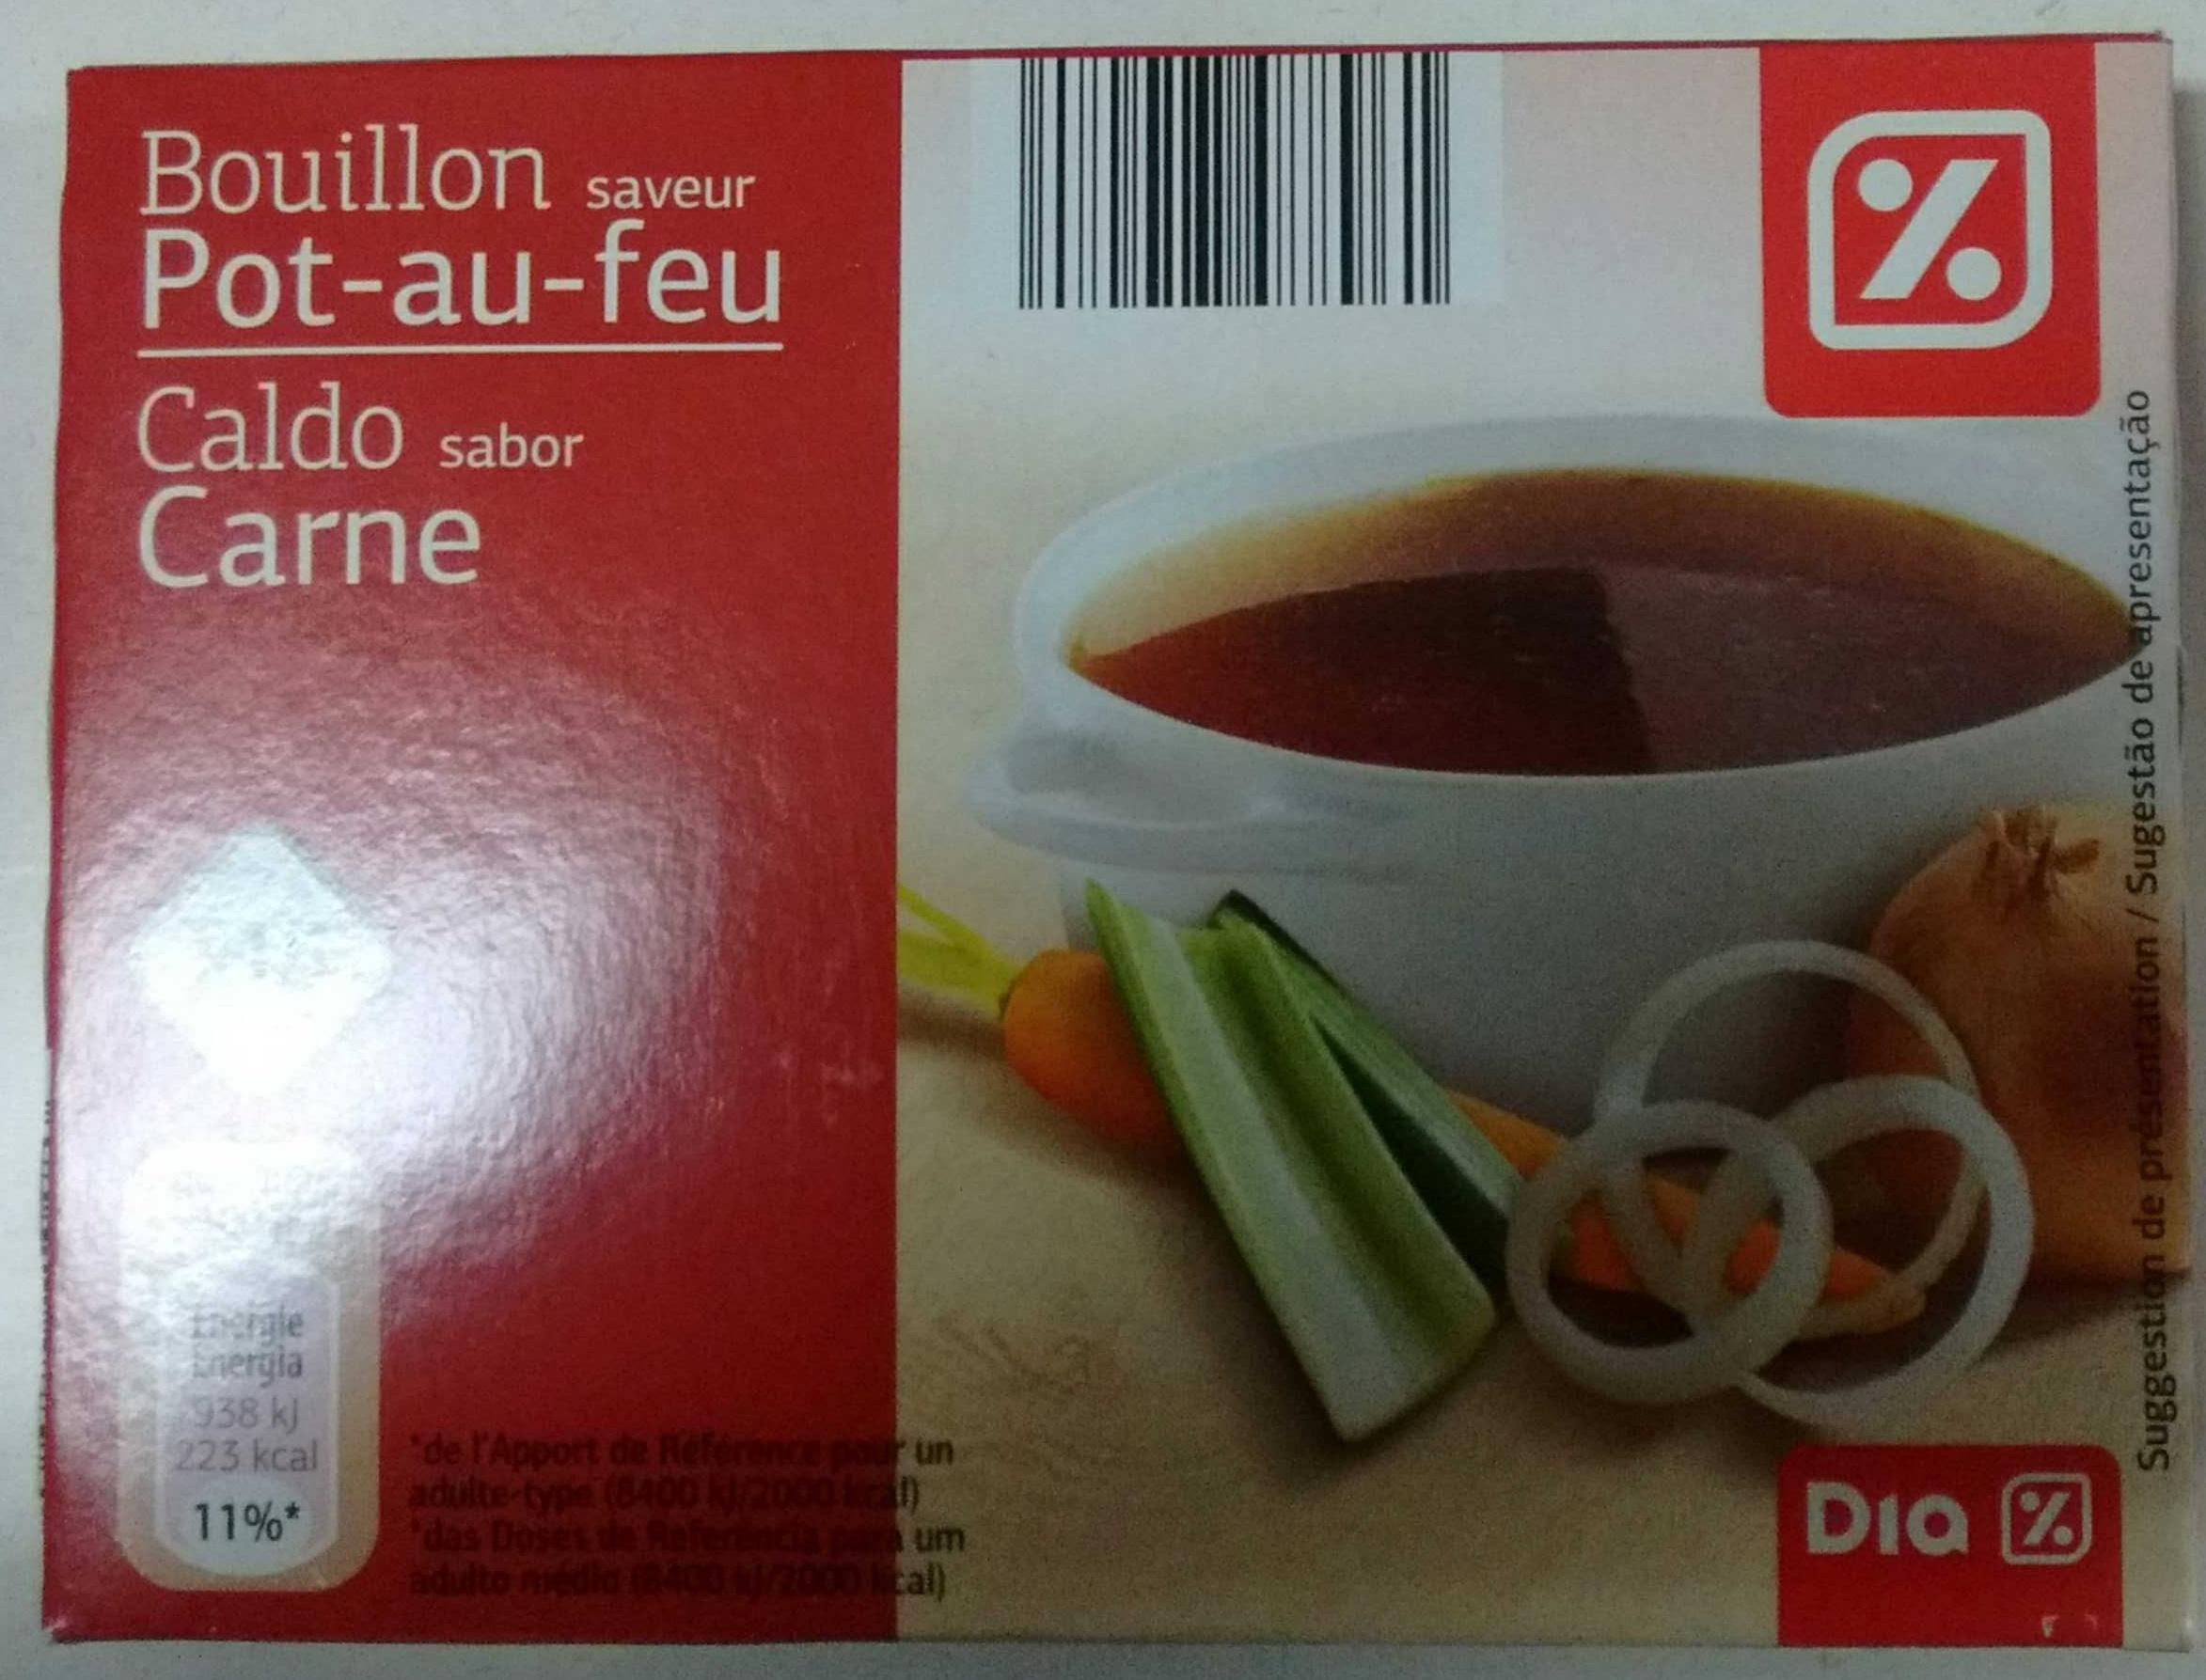 bouillon saveur pot au feu dia 150 g